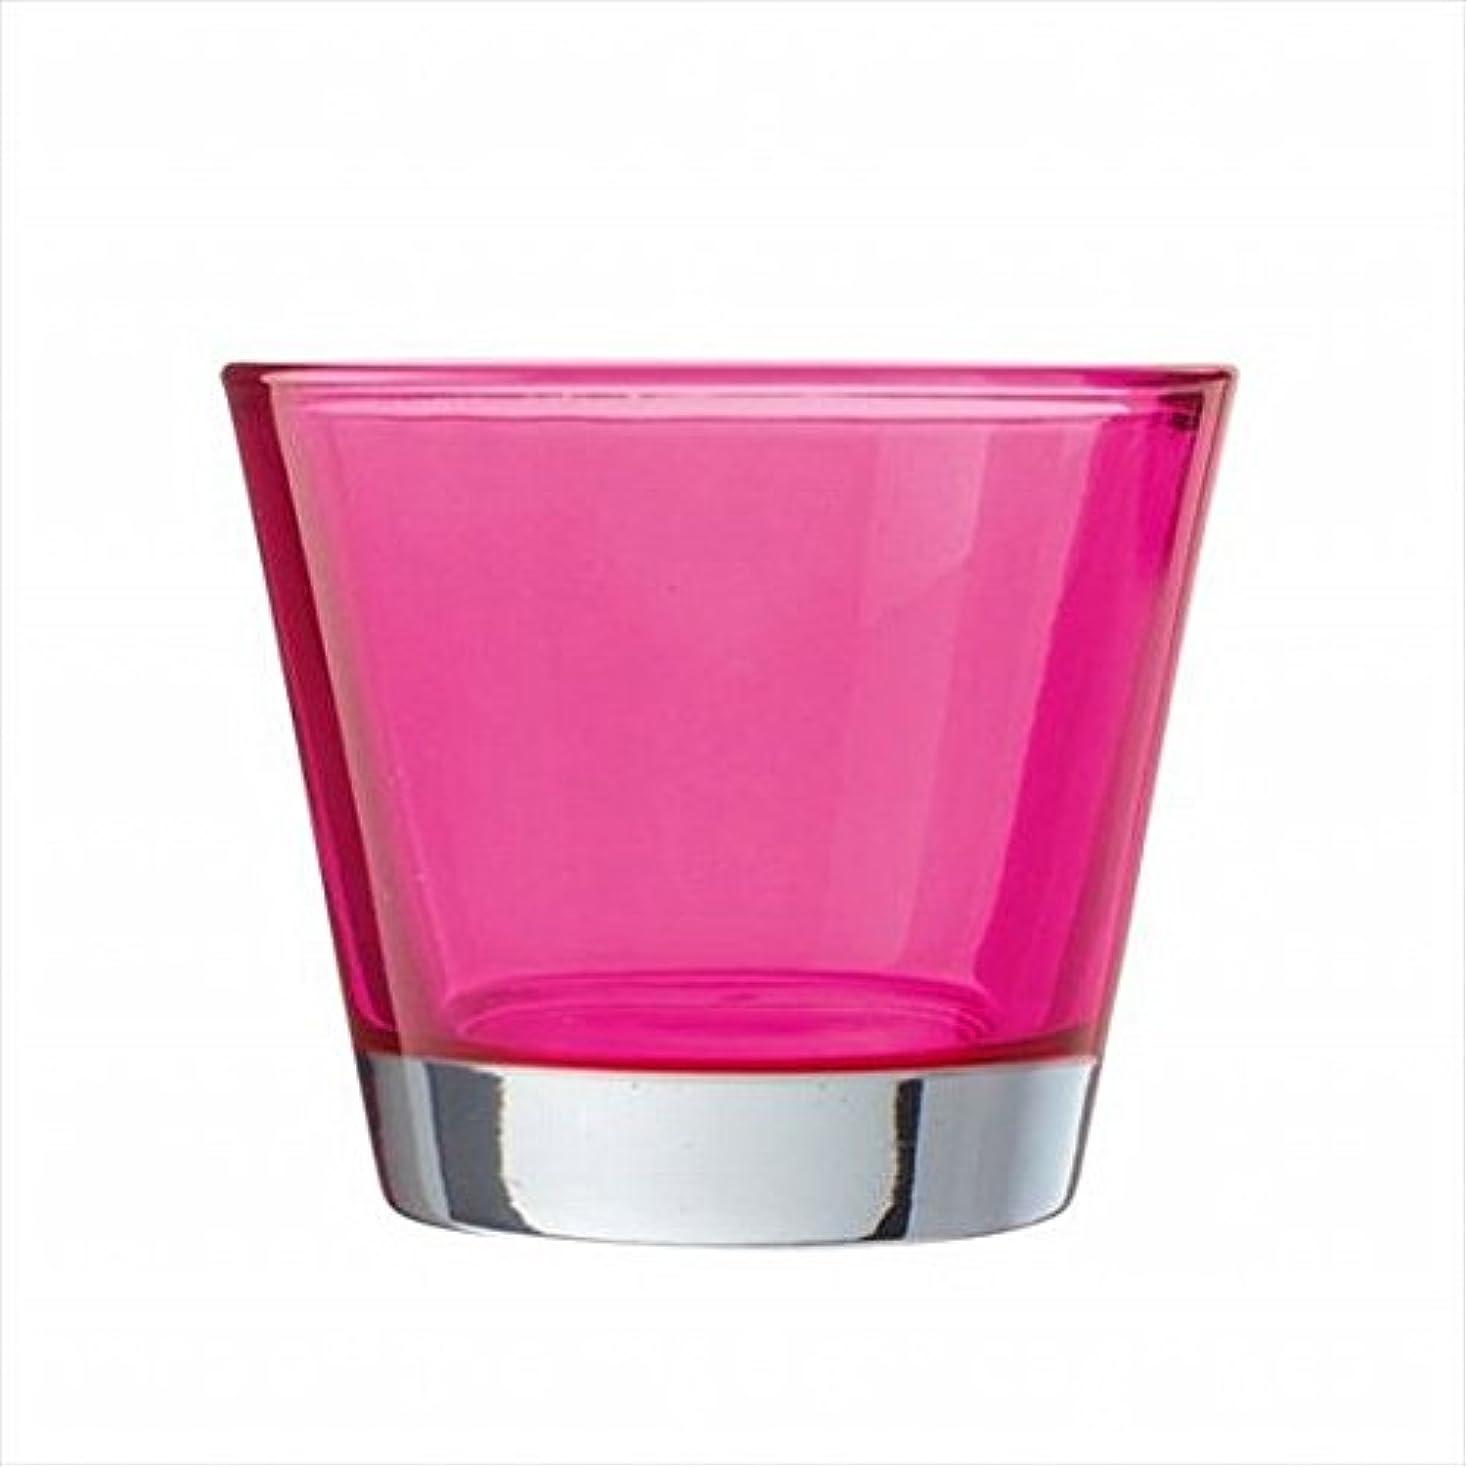 なんでもピグマリオン富豪kameyama candle(カメヤマキャンドル) カラリス 「 ピンク 」 キャンドル 82x82x70mm (J2540000PK)